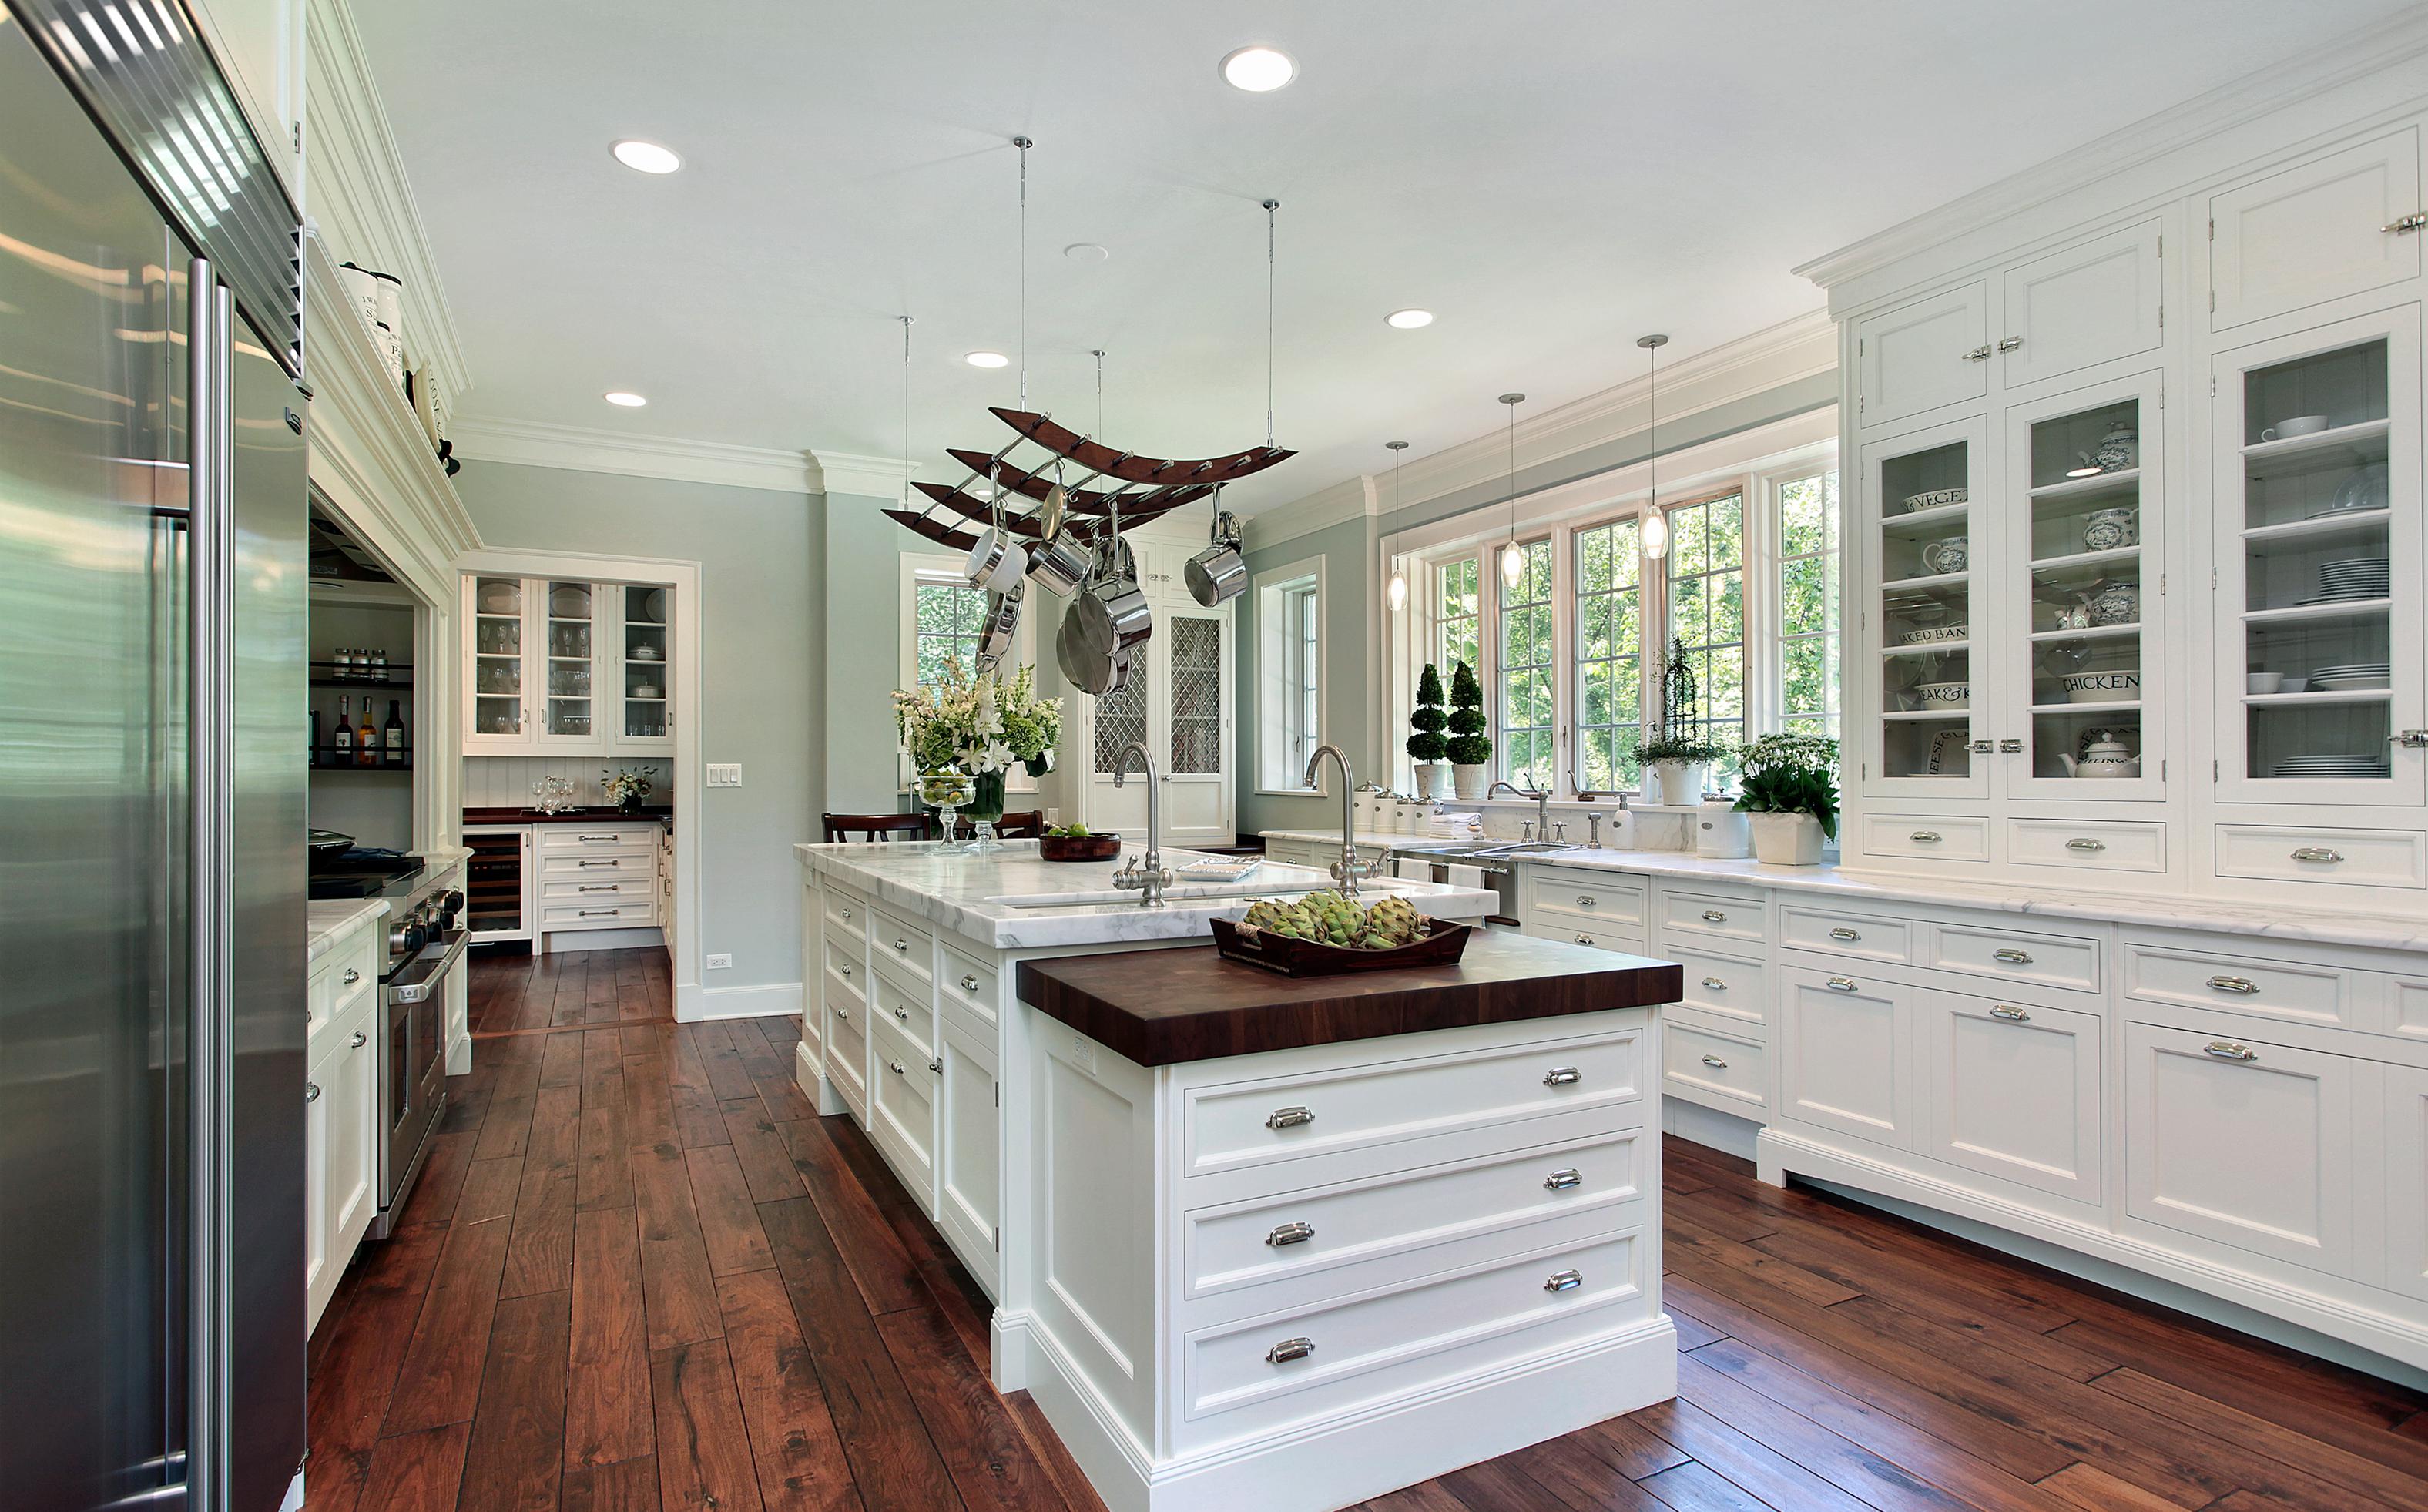 Kücheneinrichtung in weiß im Landhausstil